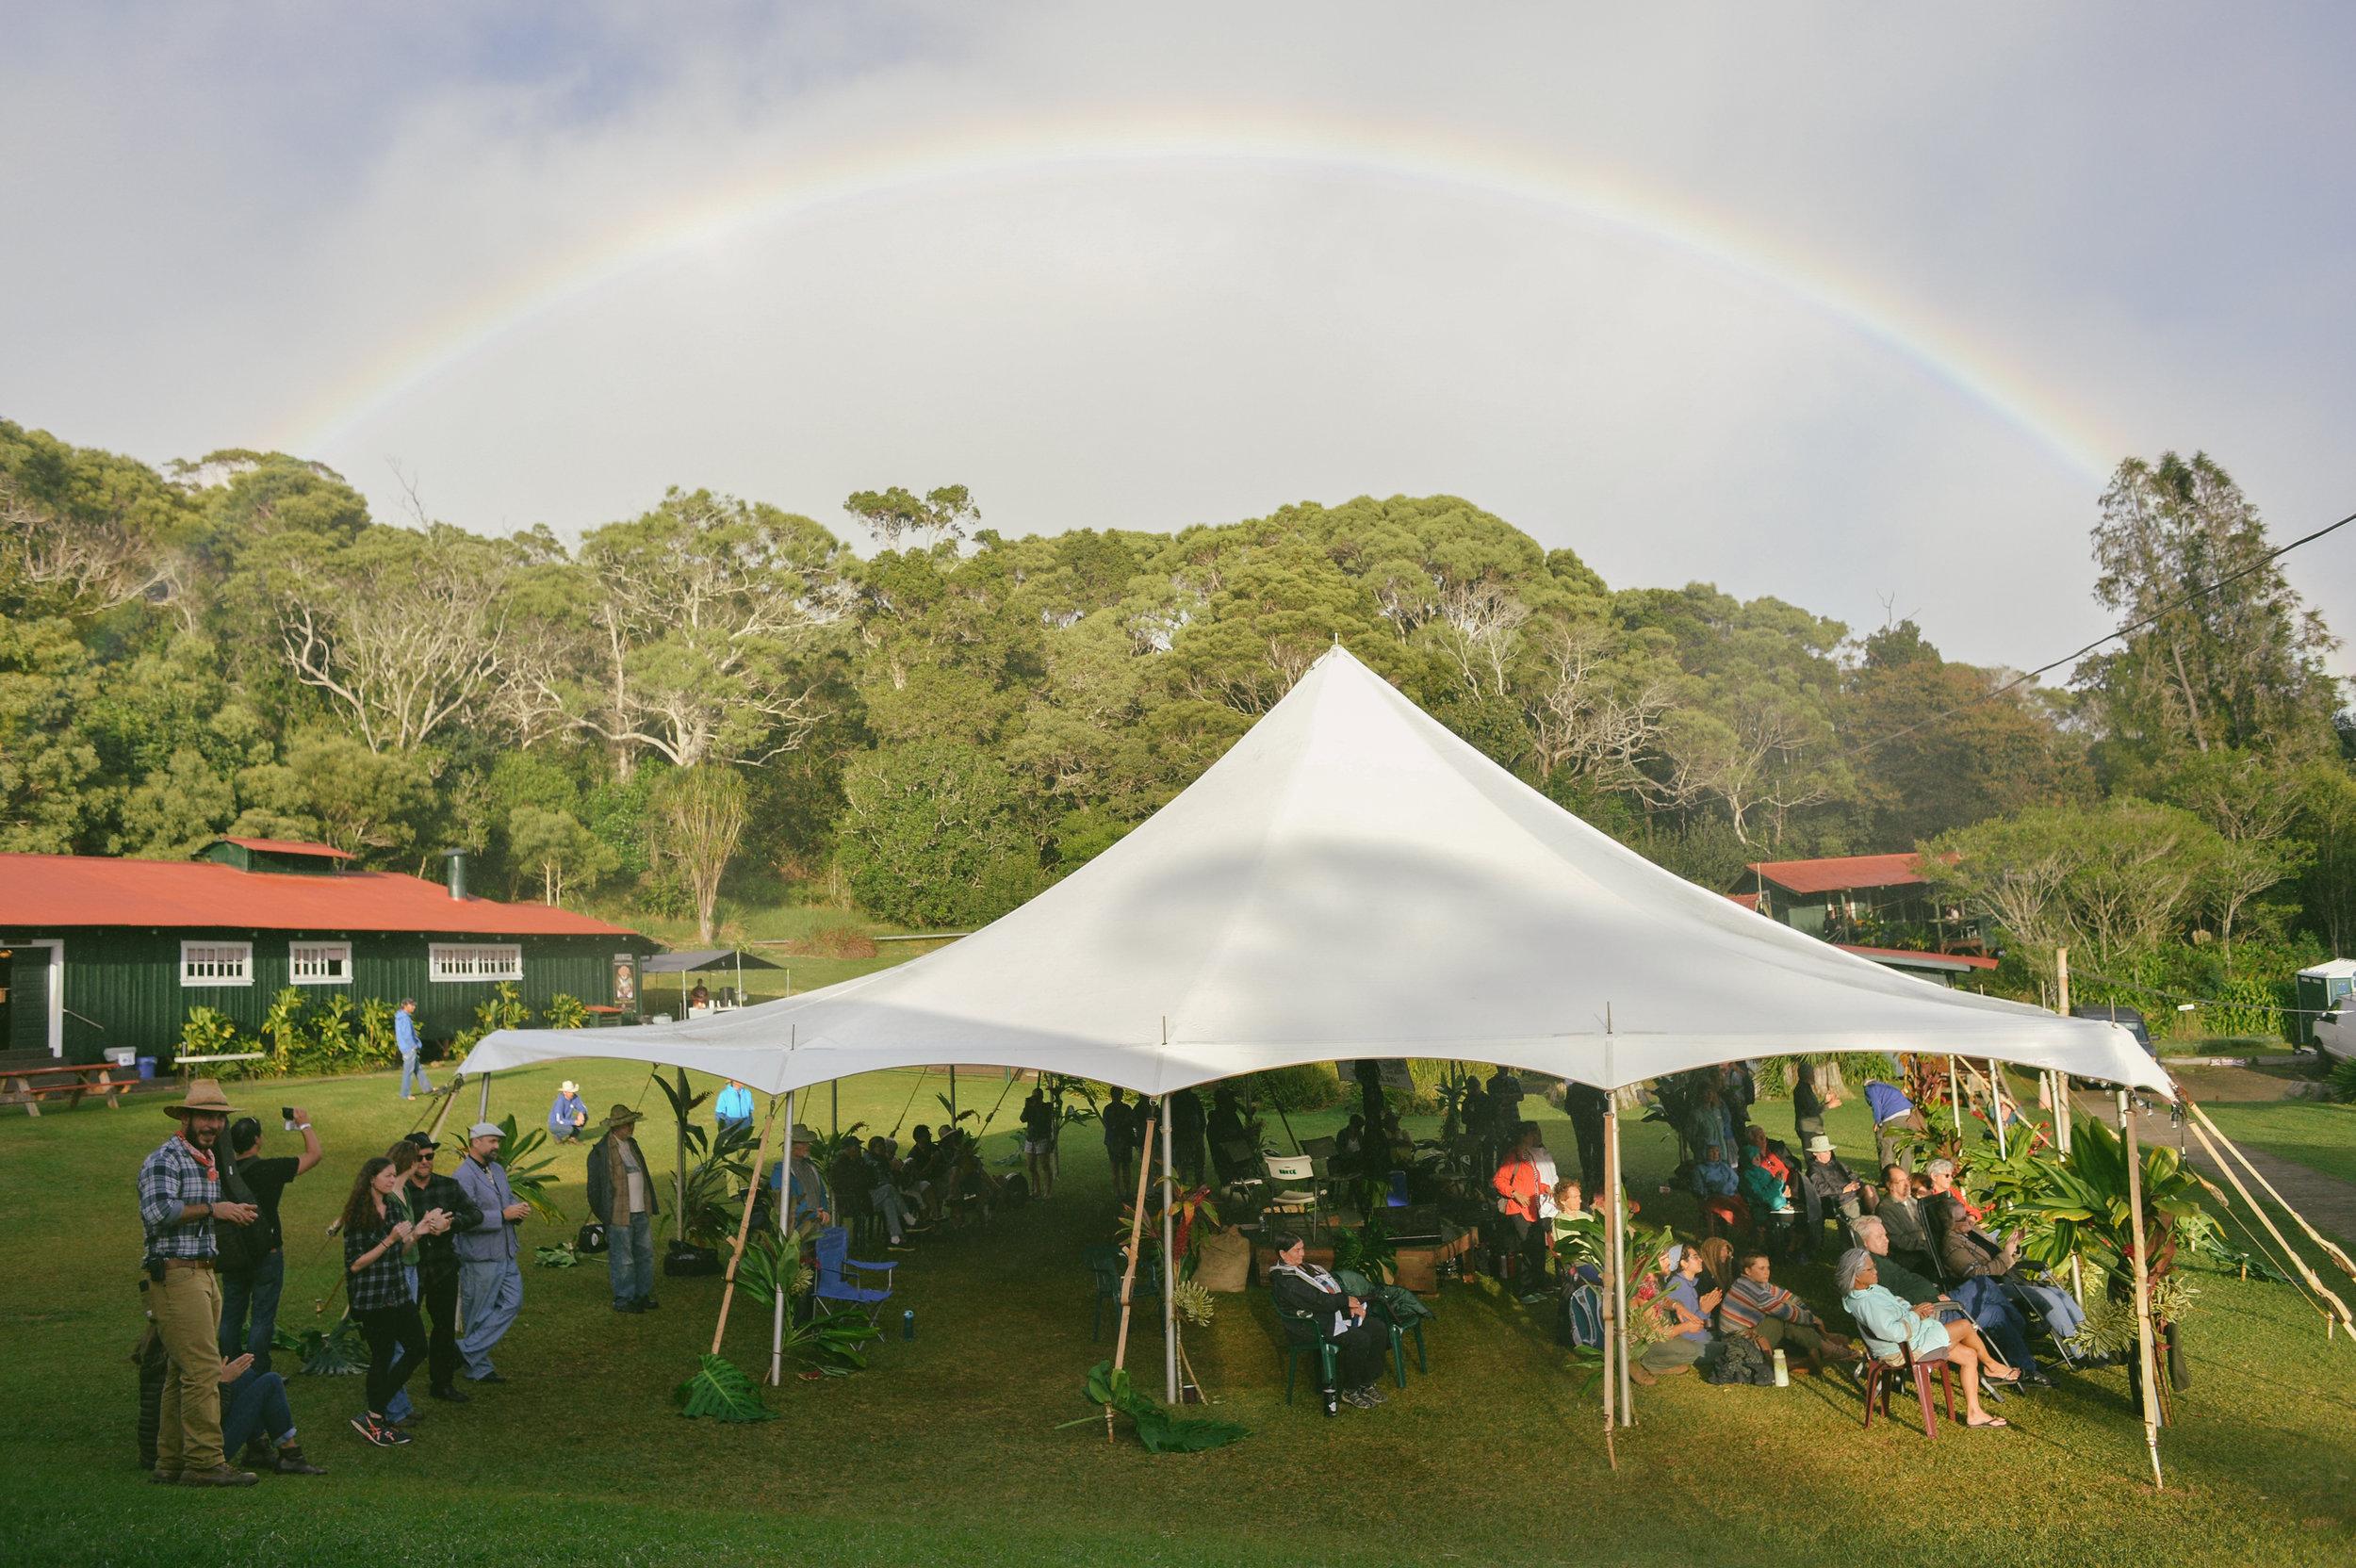 Rainbows at KOTG 2018